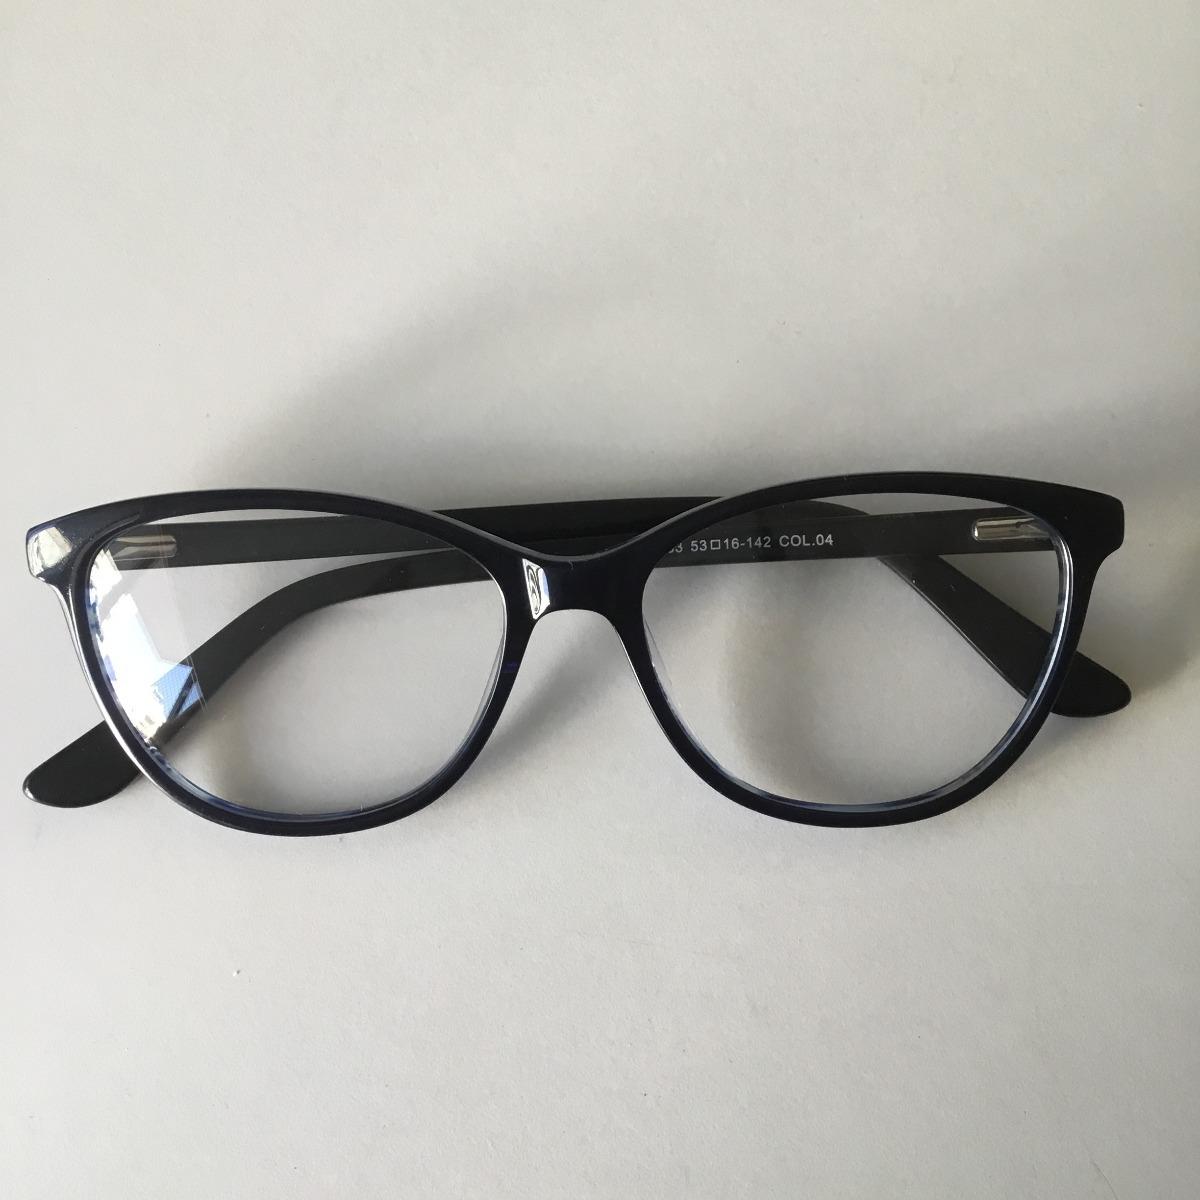 897437db5 armação óculos de grau acetato gatinho azul escuro + brinde. Carregando zoom .